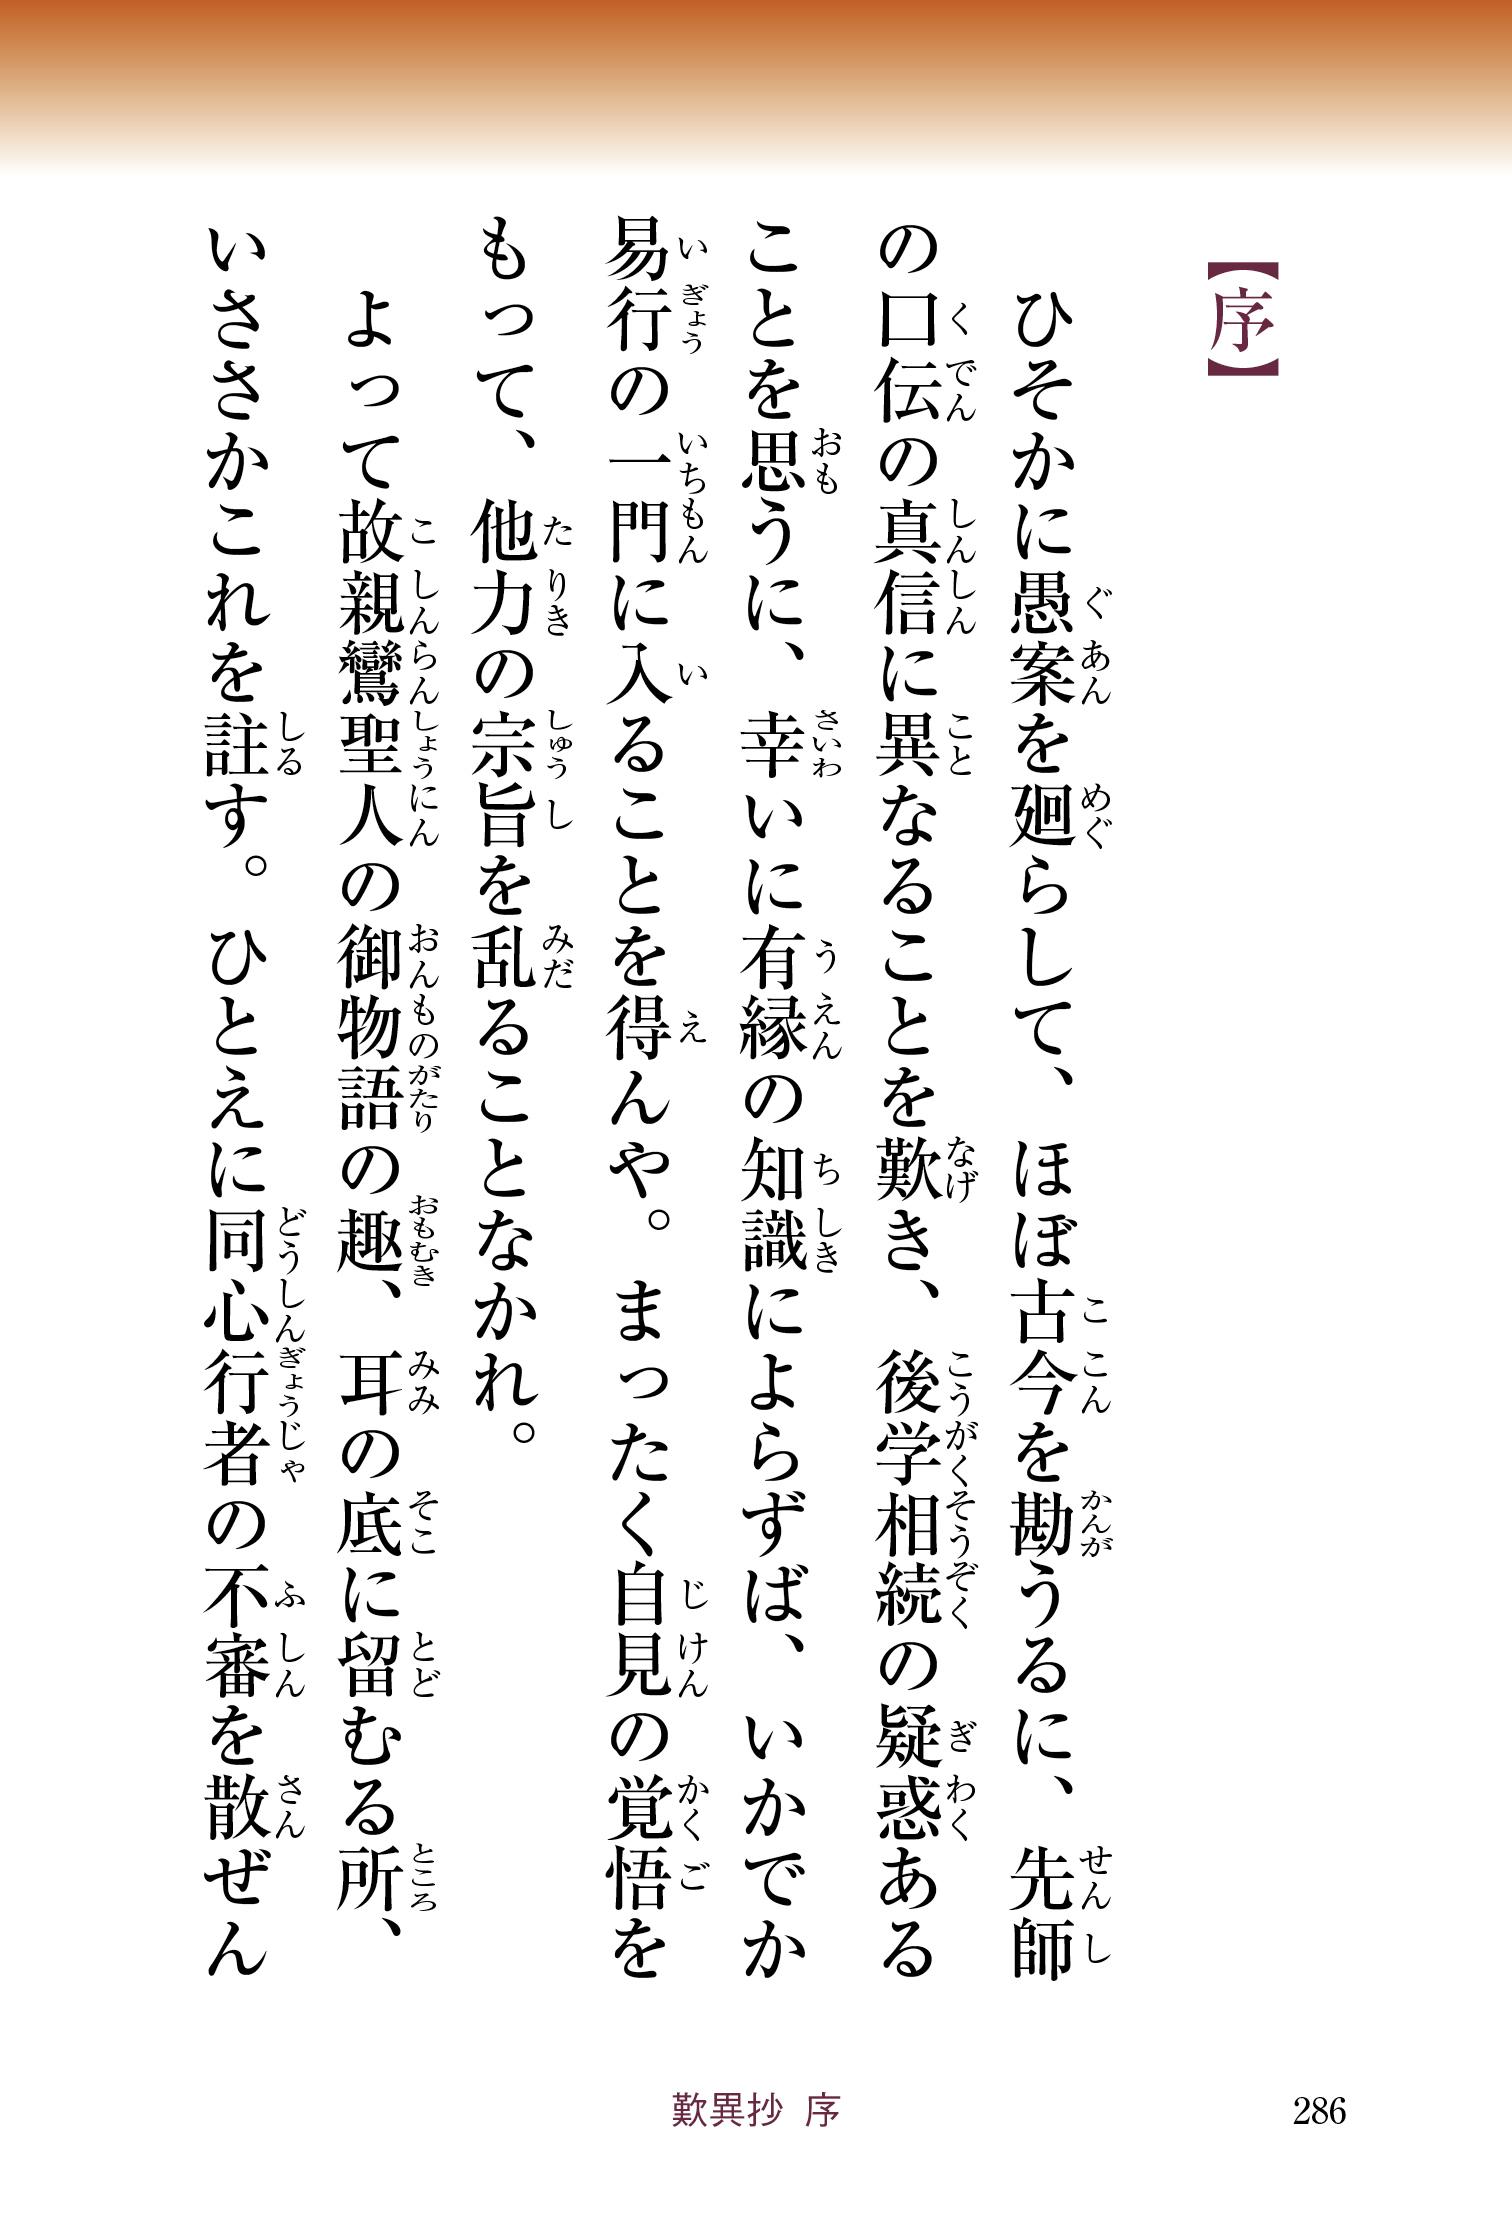 『歎異抄をひらく』を試し読みの画像5